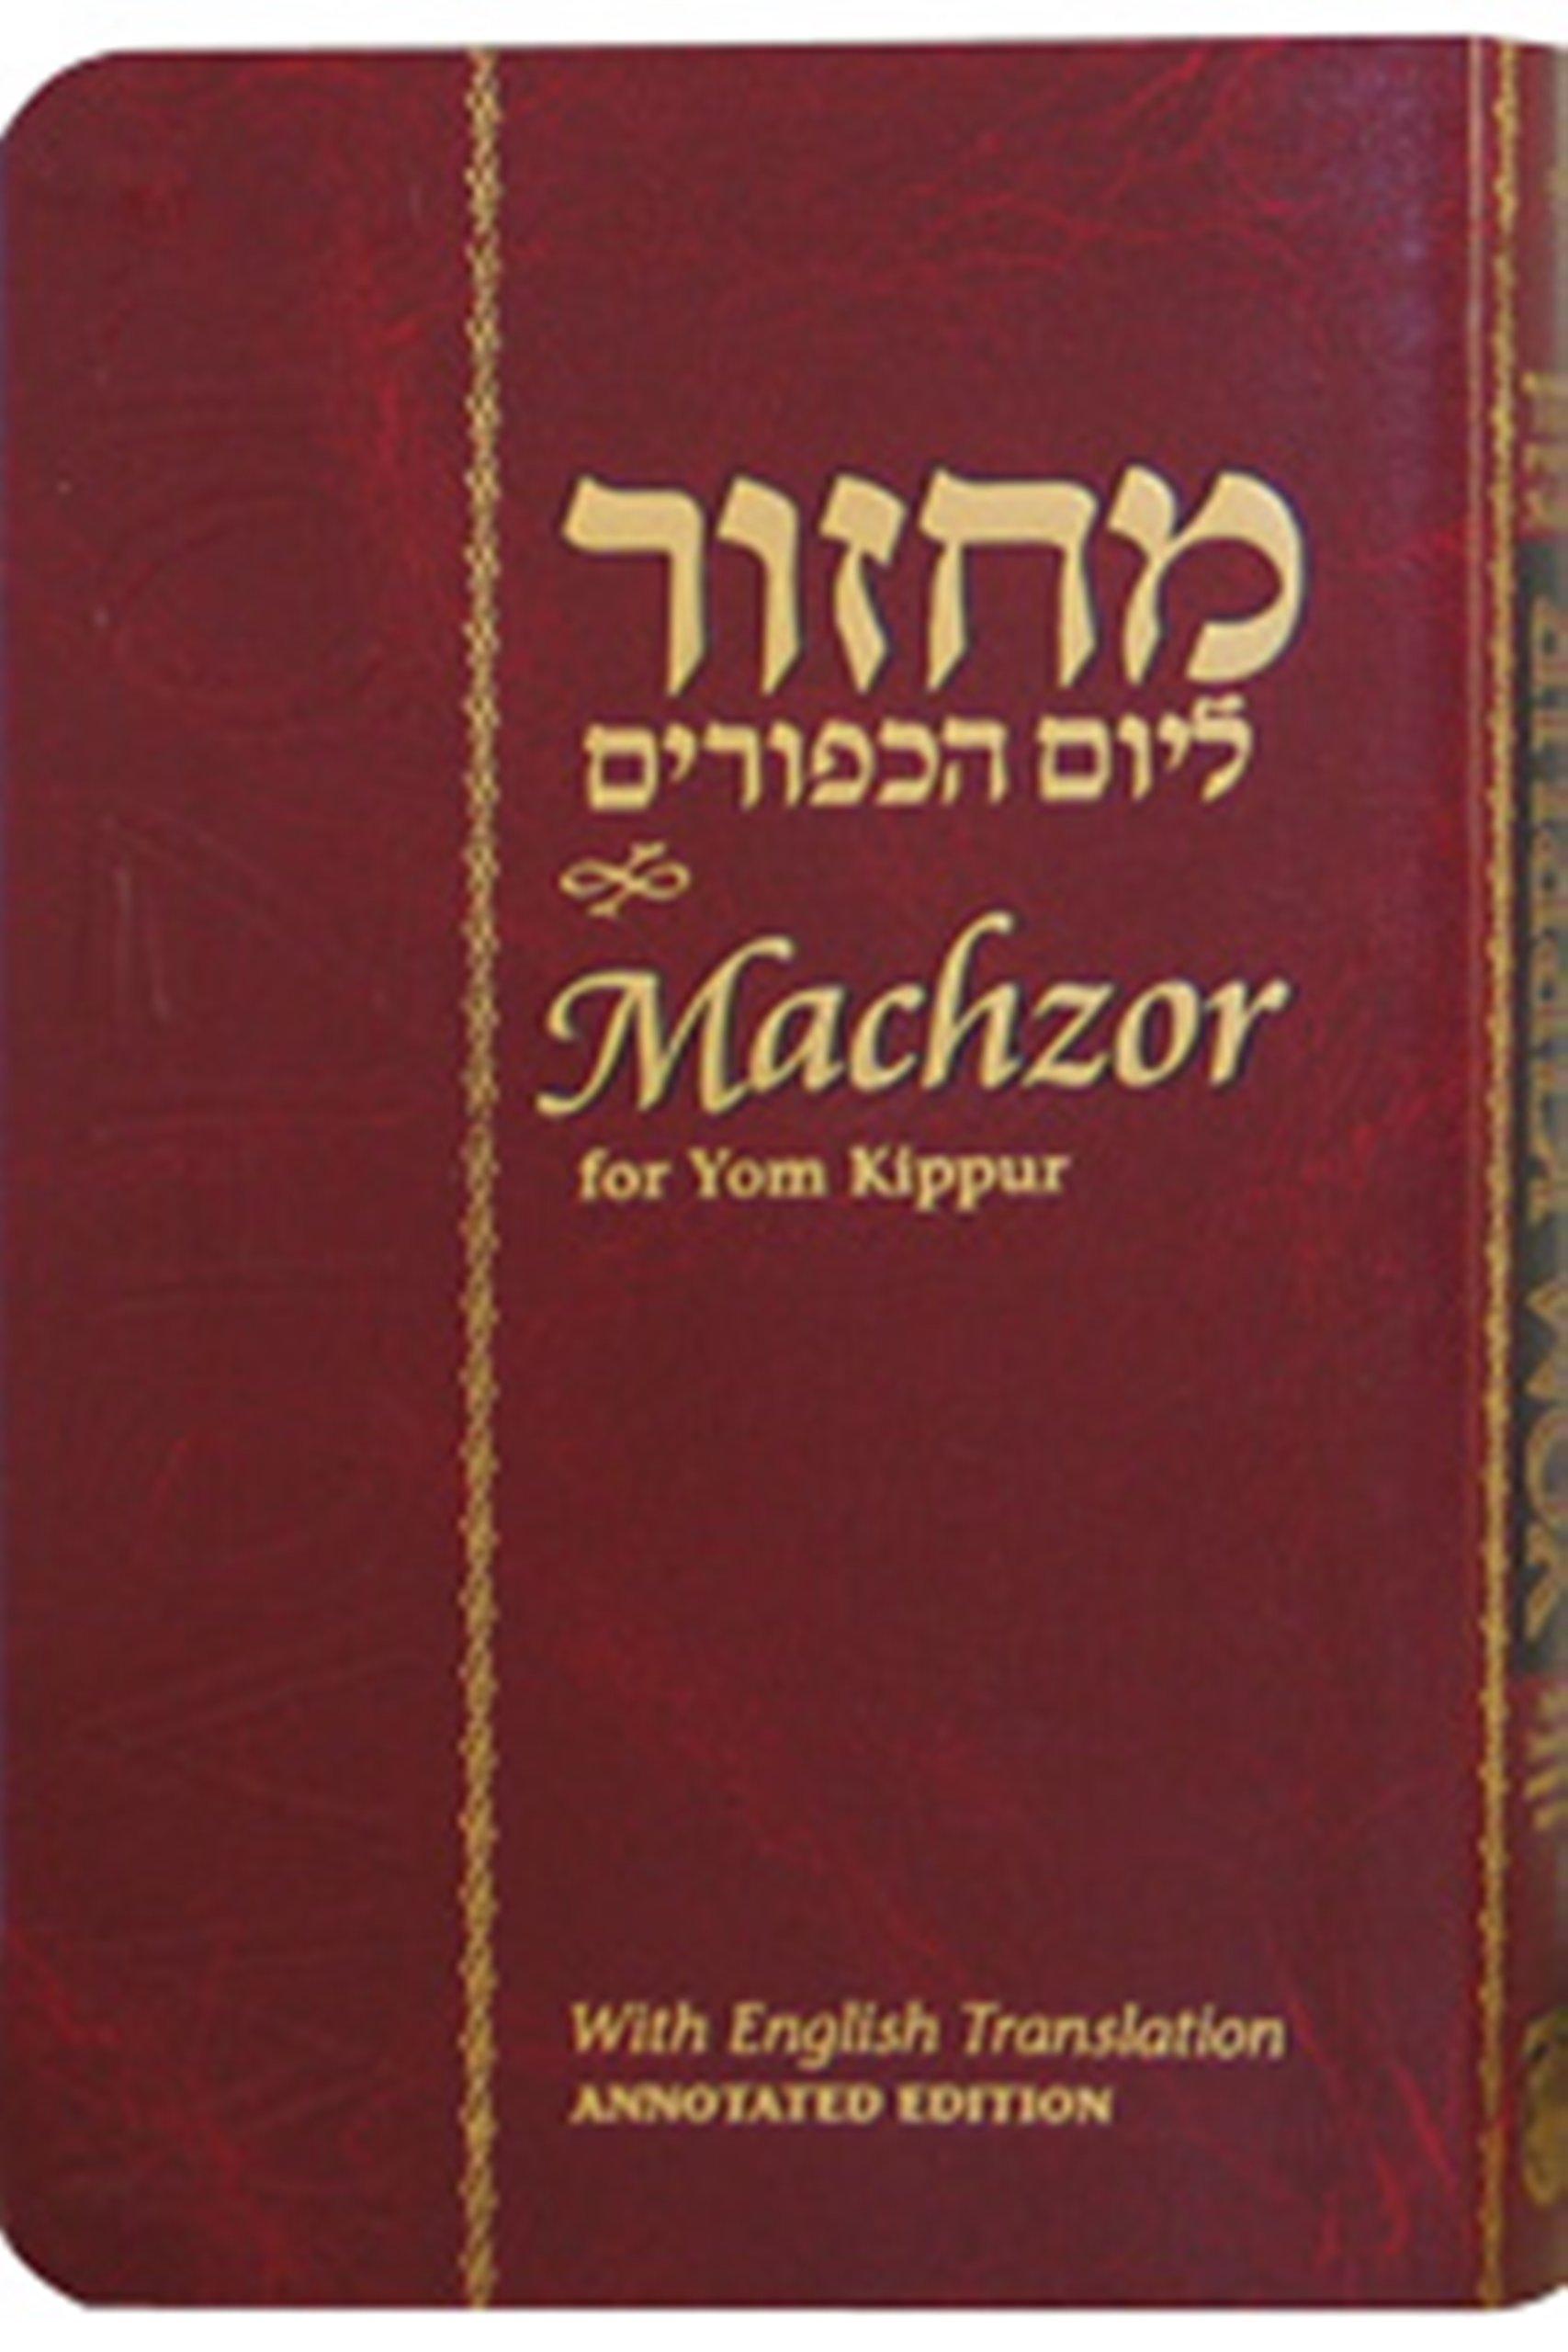 machzor-yom-kippur-compact-annotated-edition-4x6